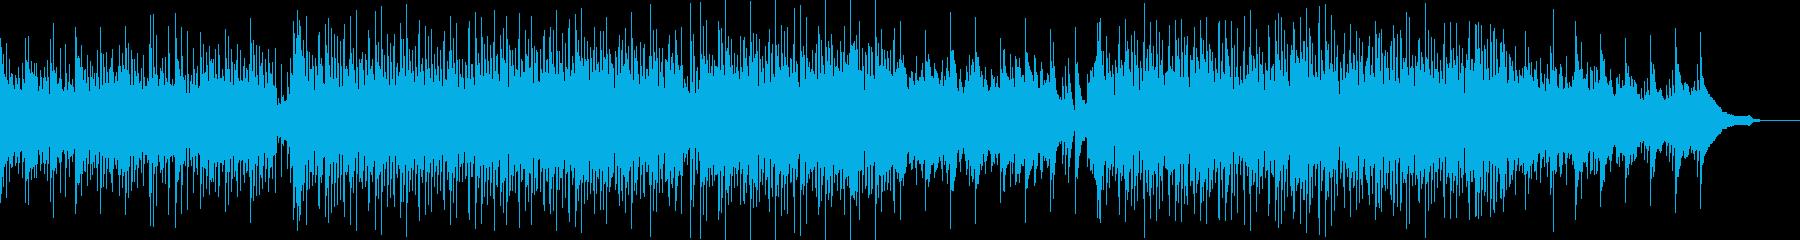 【生演奏】ギターピアノポップの再生済みの波形